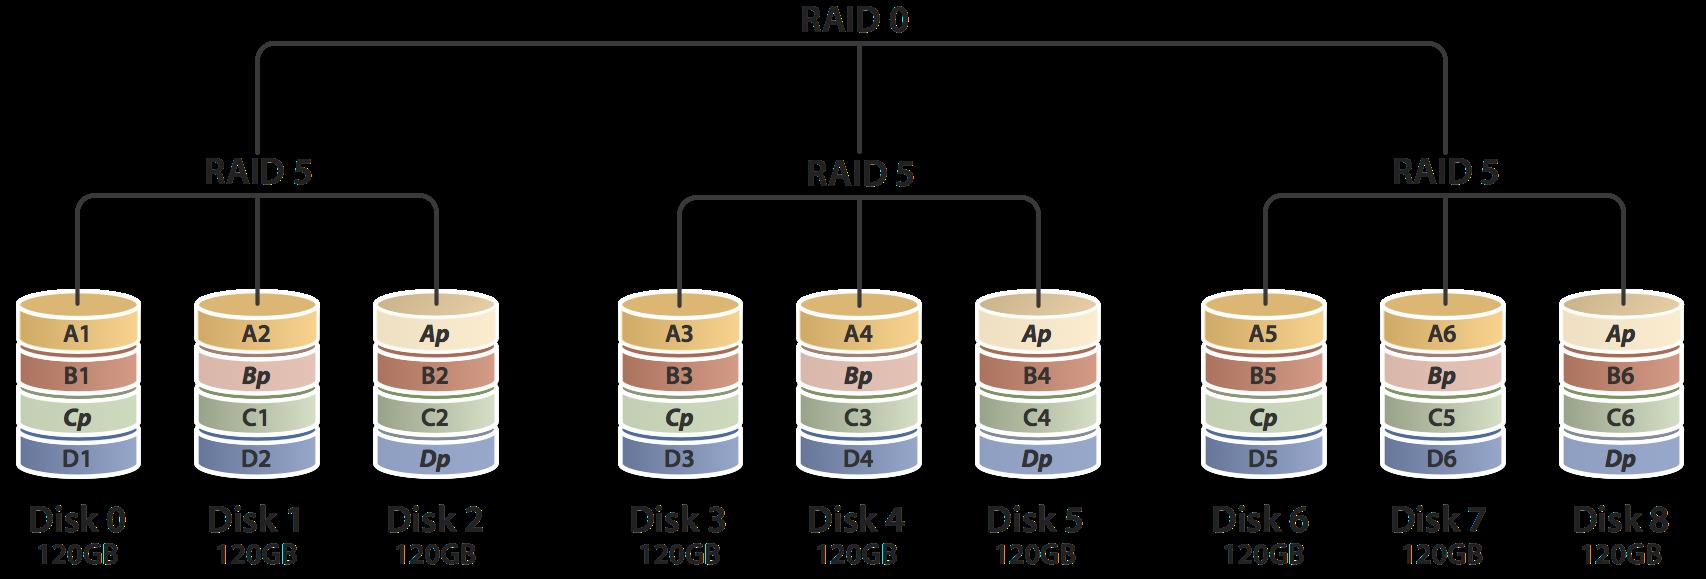 RAID 50 (RAID 5+0)